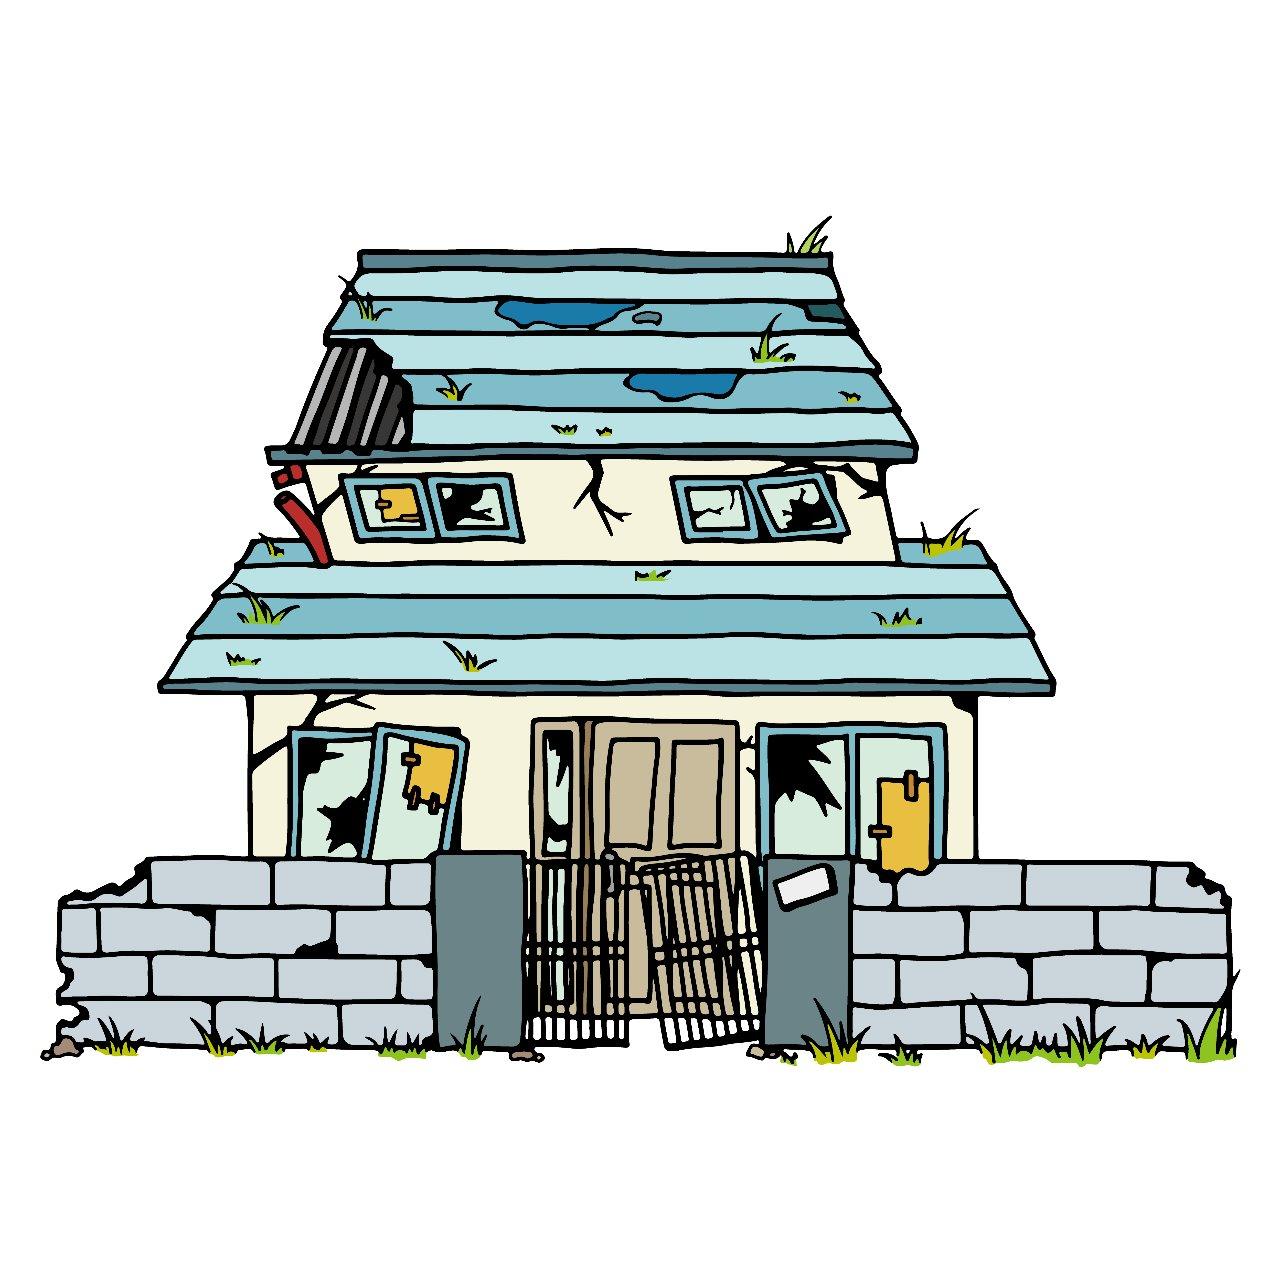 東京・池袋 気軽に民泊を運営したいなら(3)